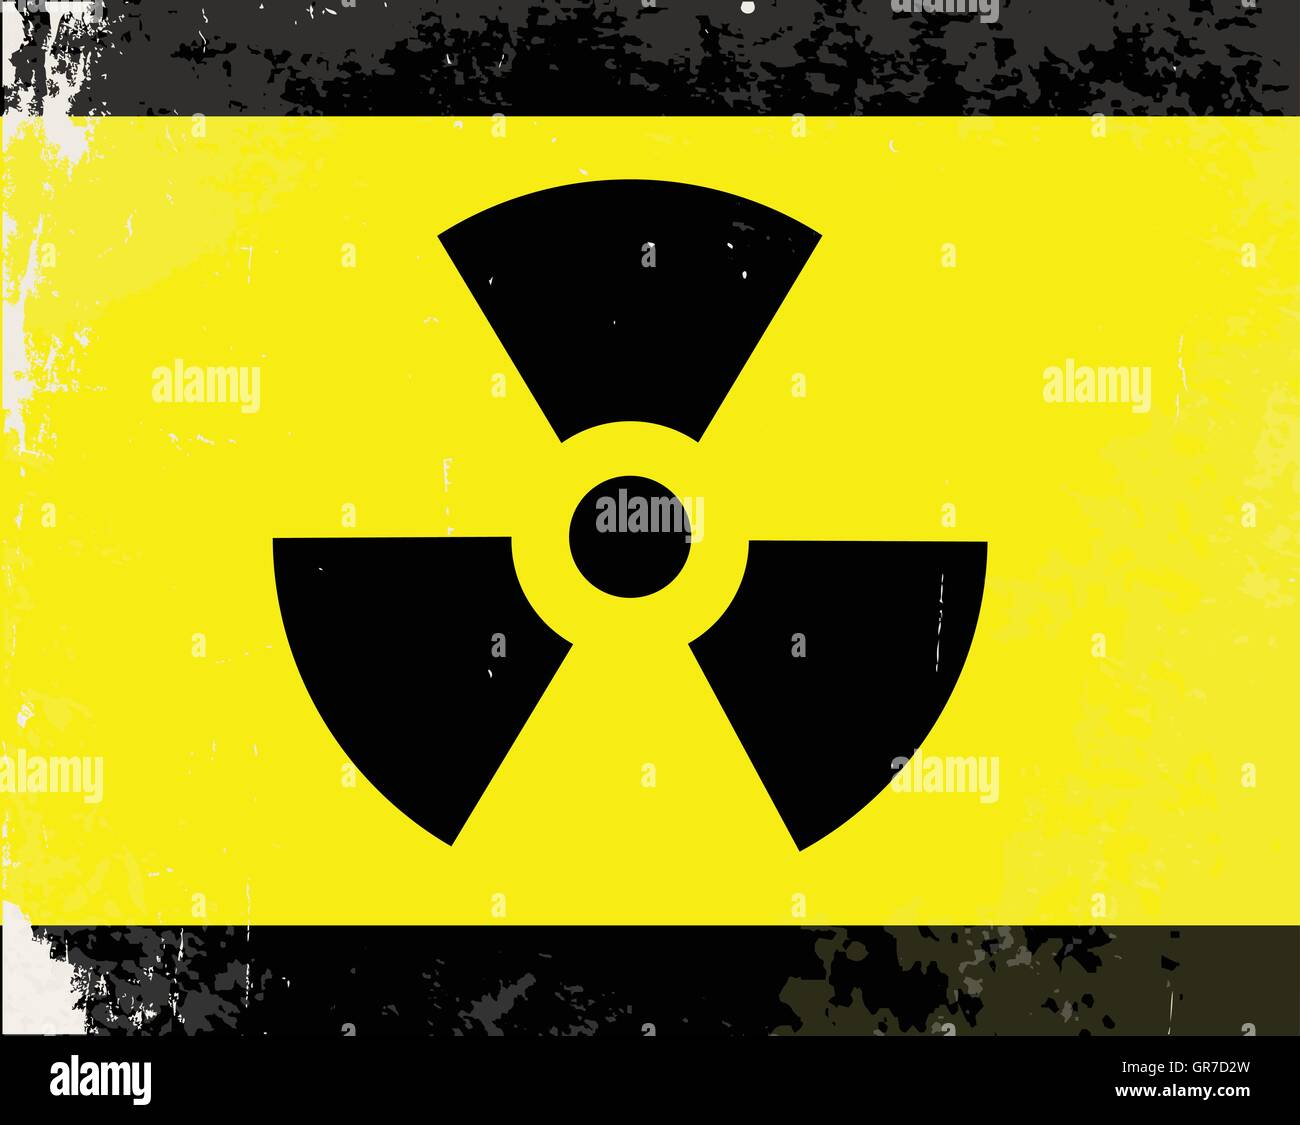 Une attention symbole de rayonnement en jaune et noir Photo Stock